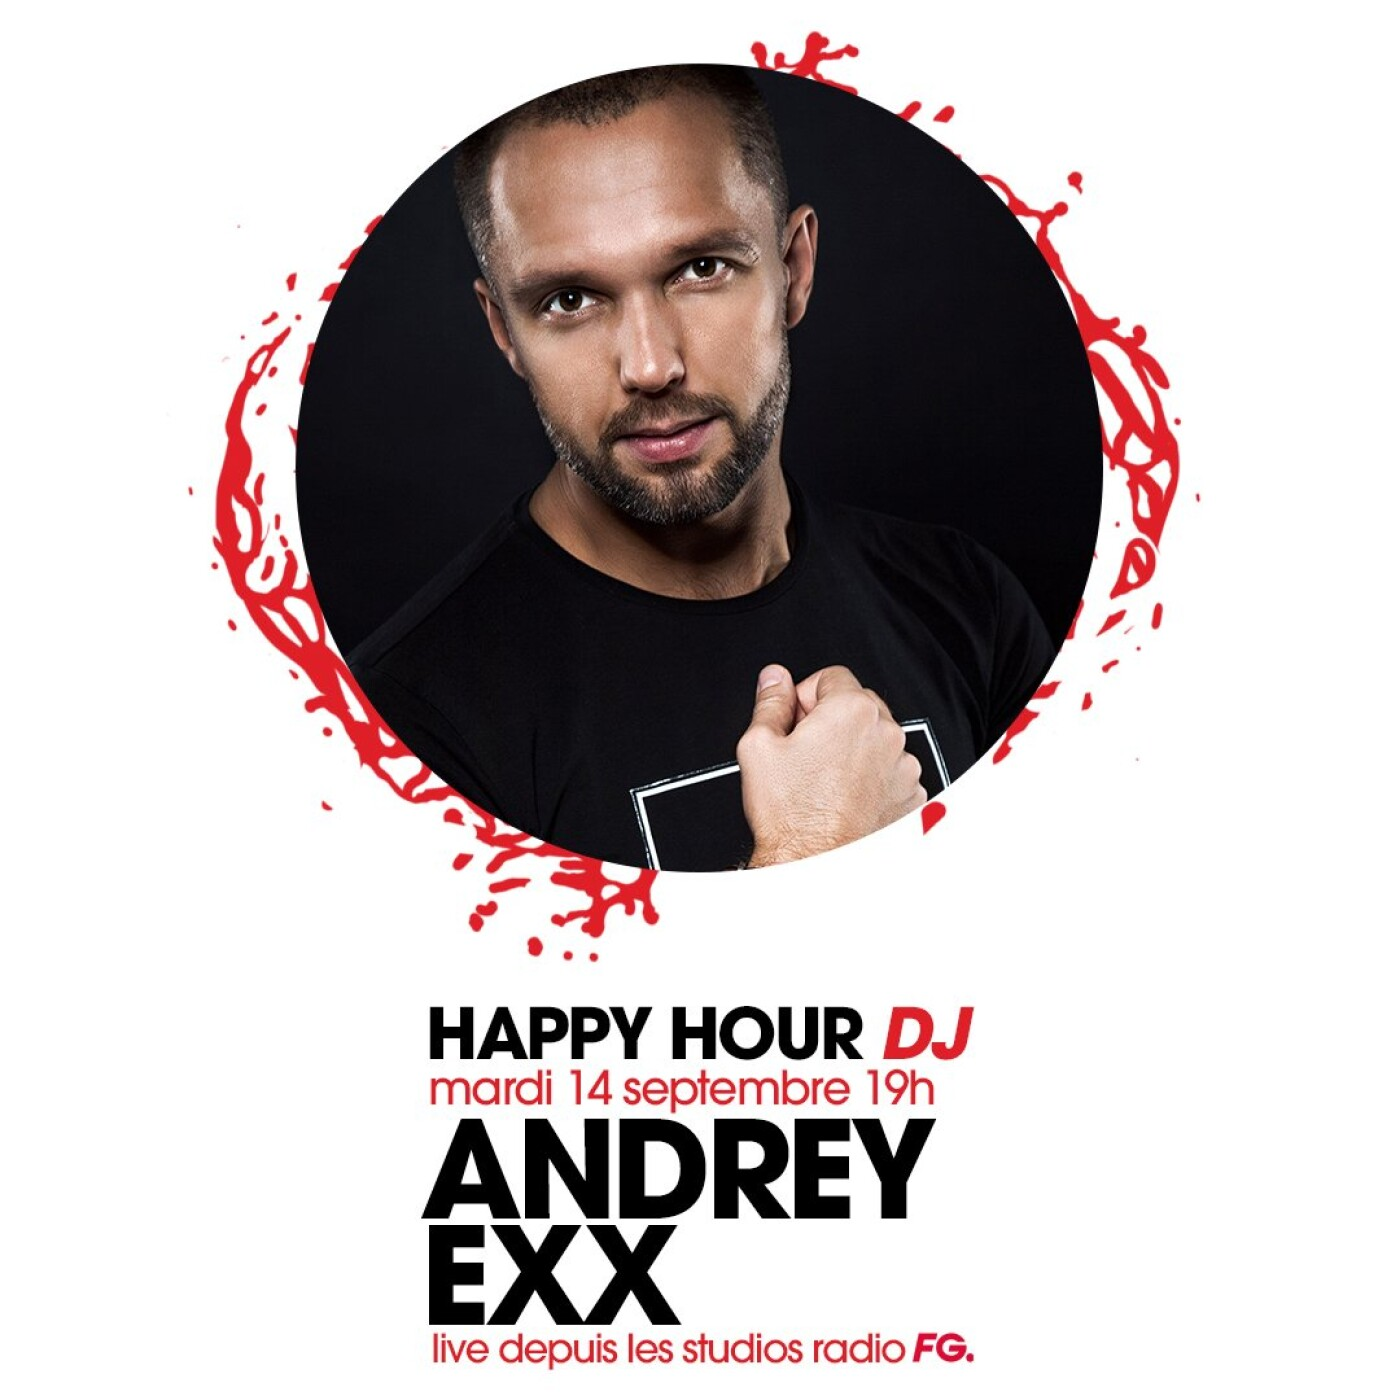 HAPPY HOUR DJ : ANDREY EXX